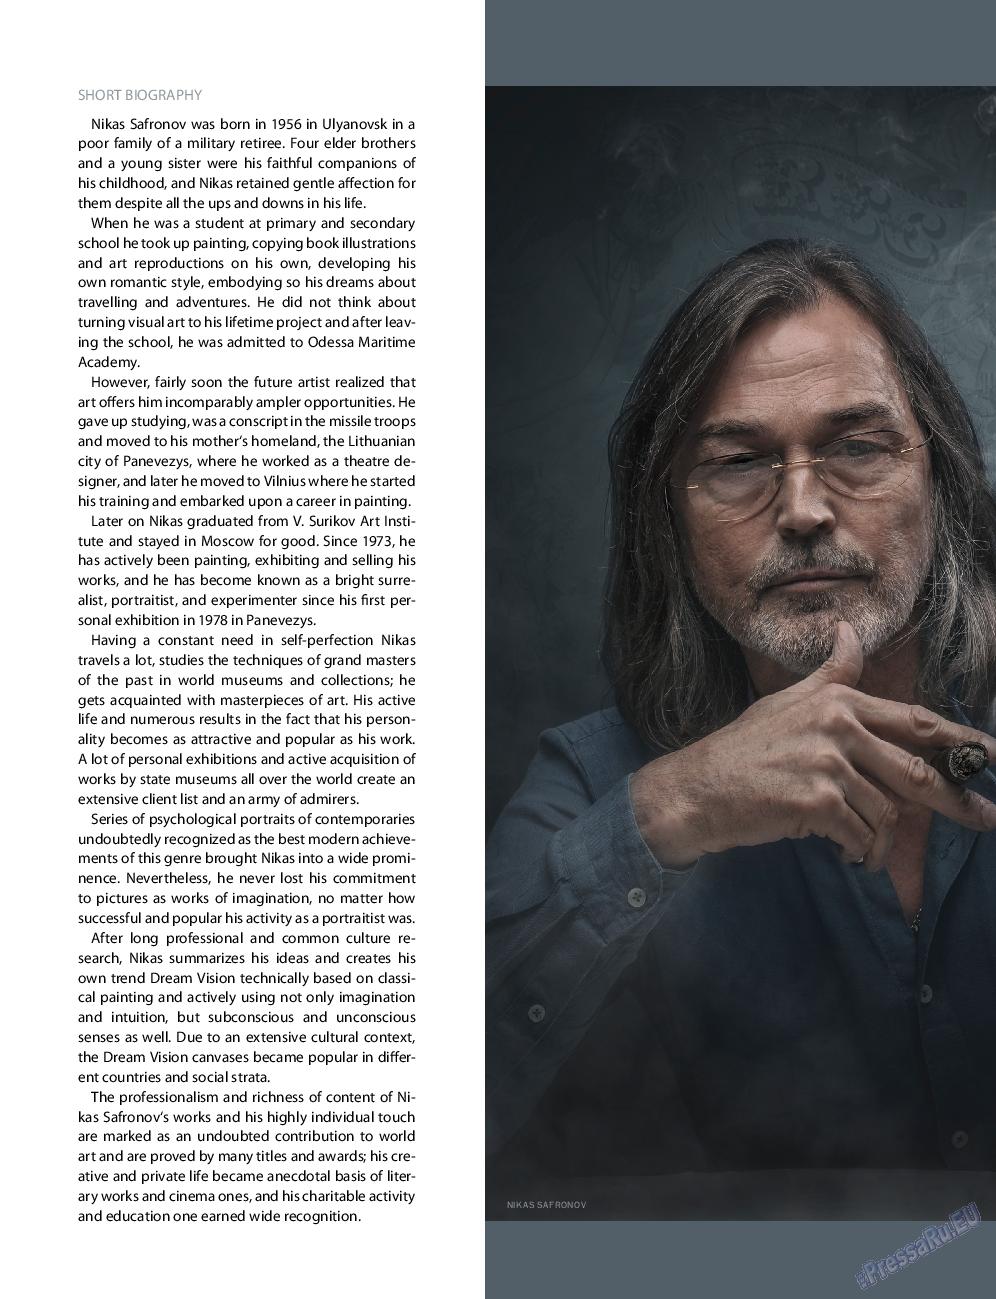 Клан (журнал). 2016 год, номер 10, стр. 192